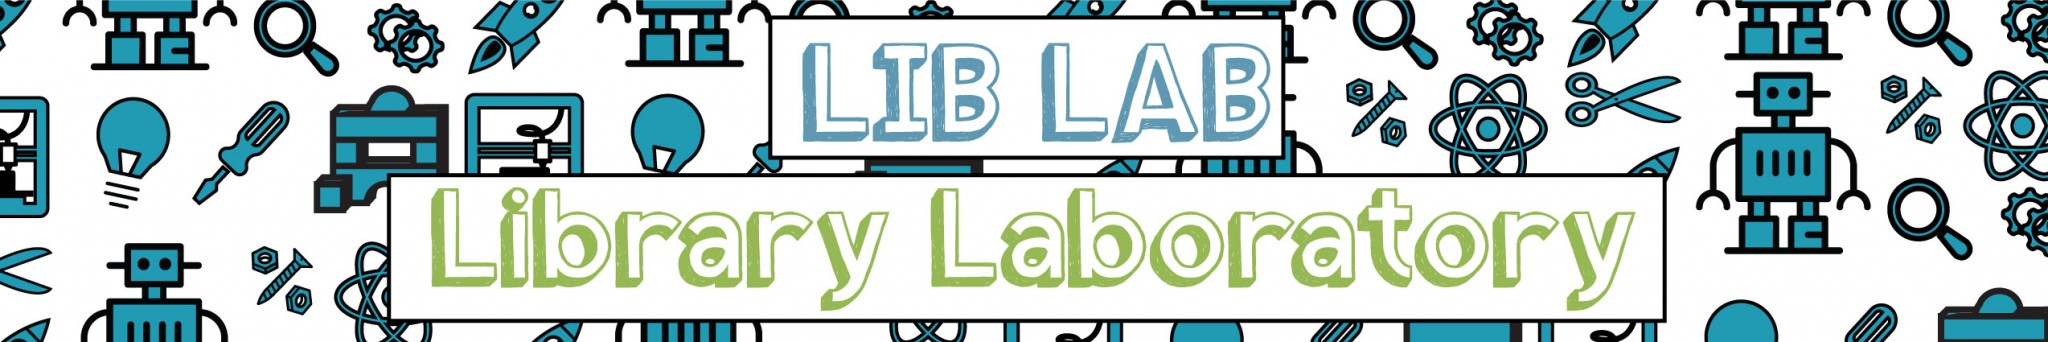 LibLab header